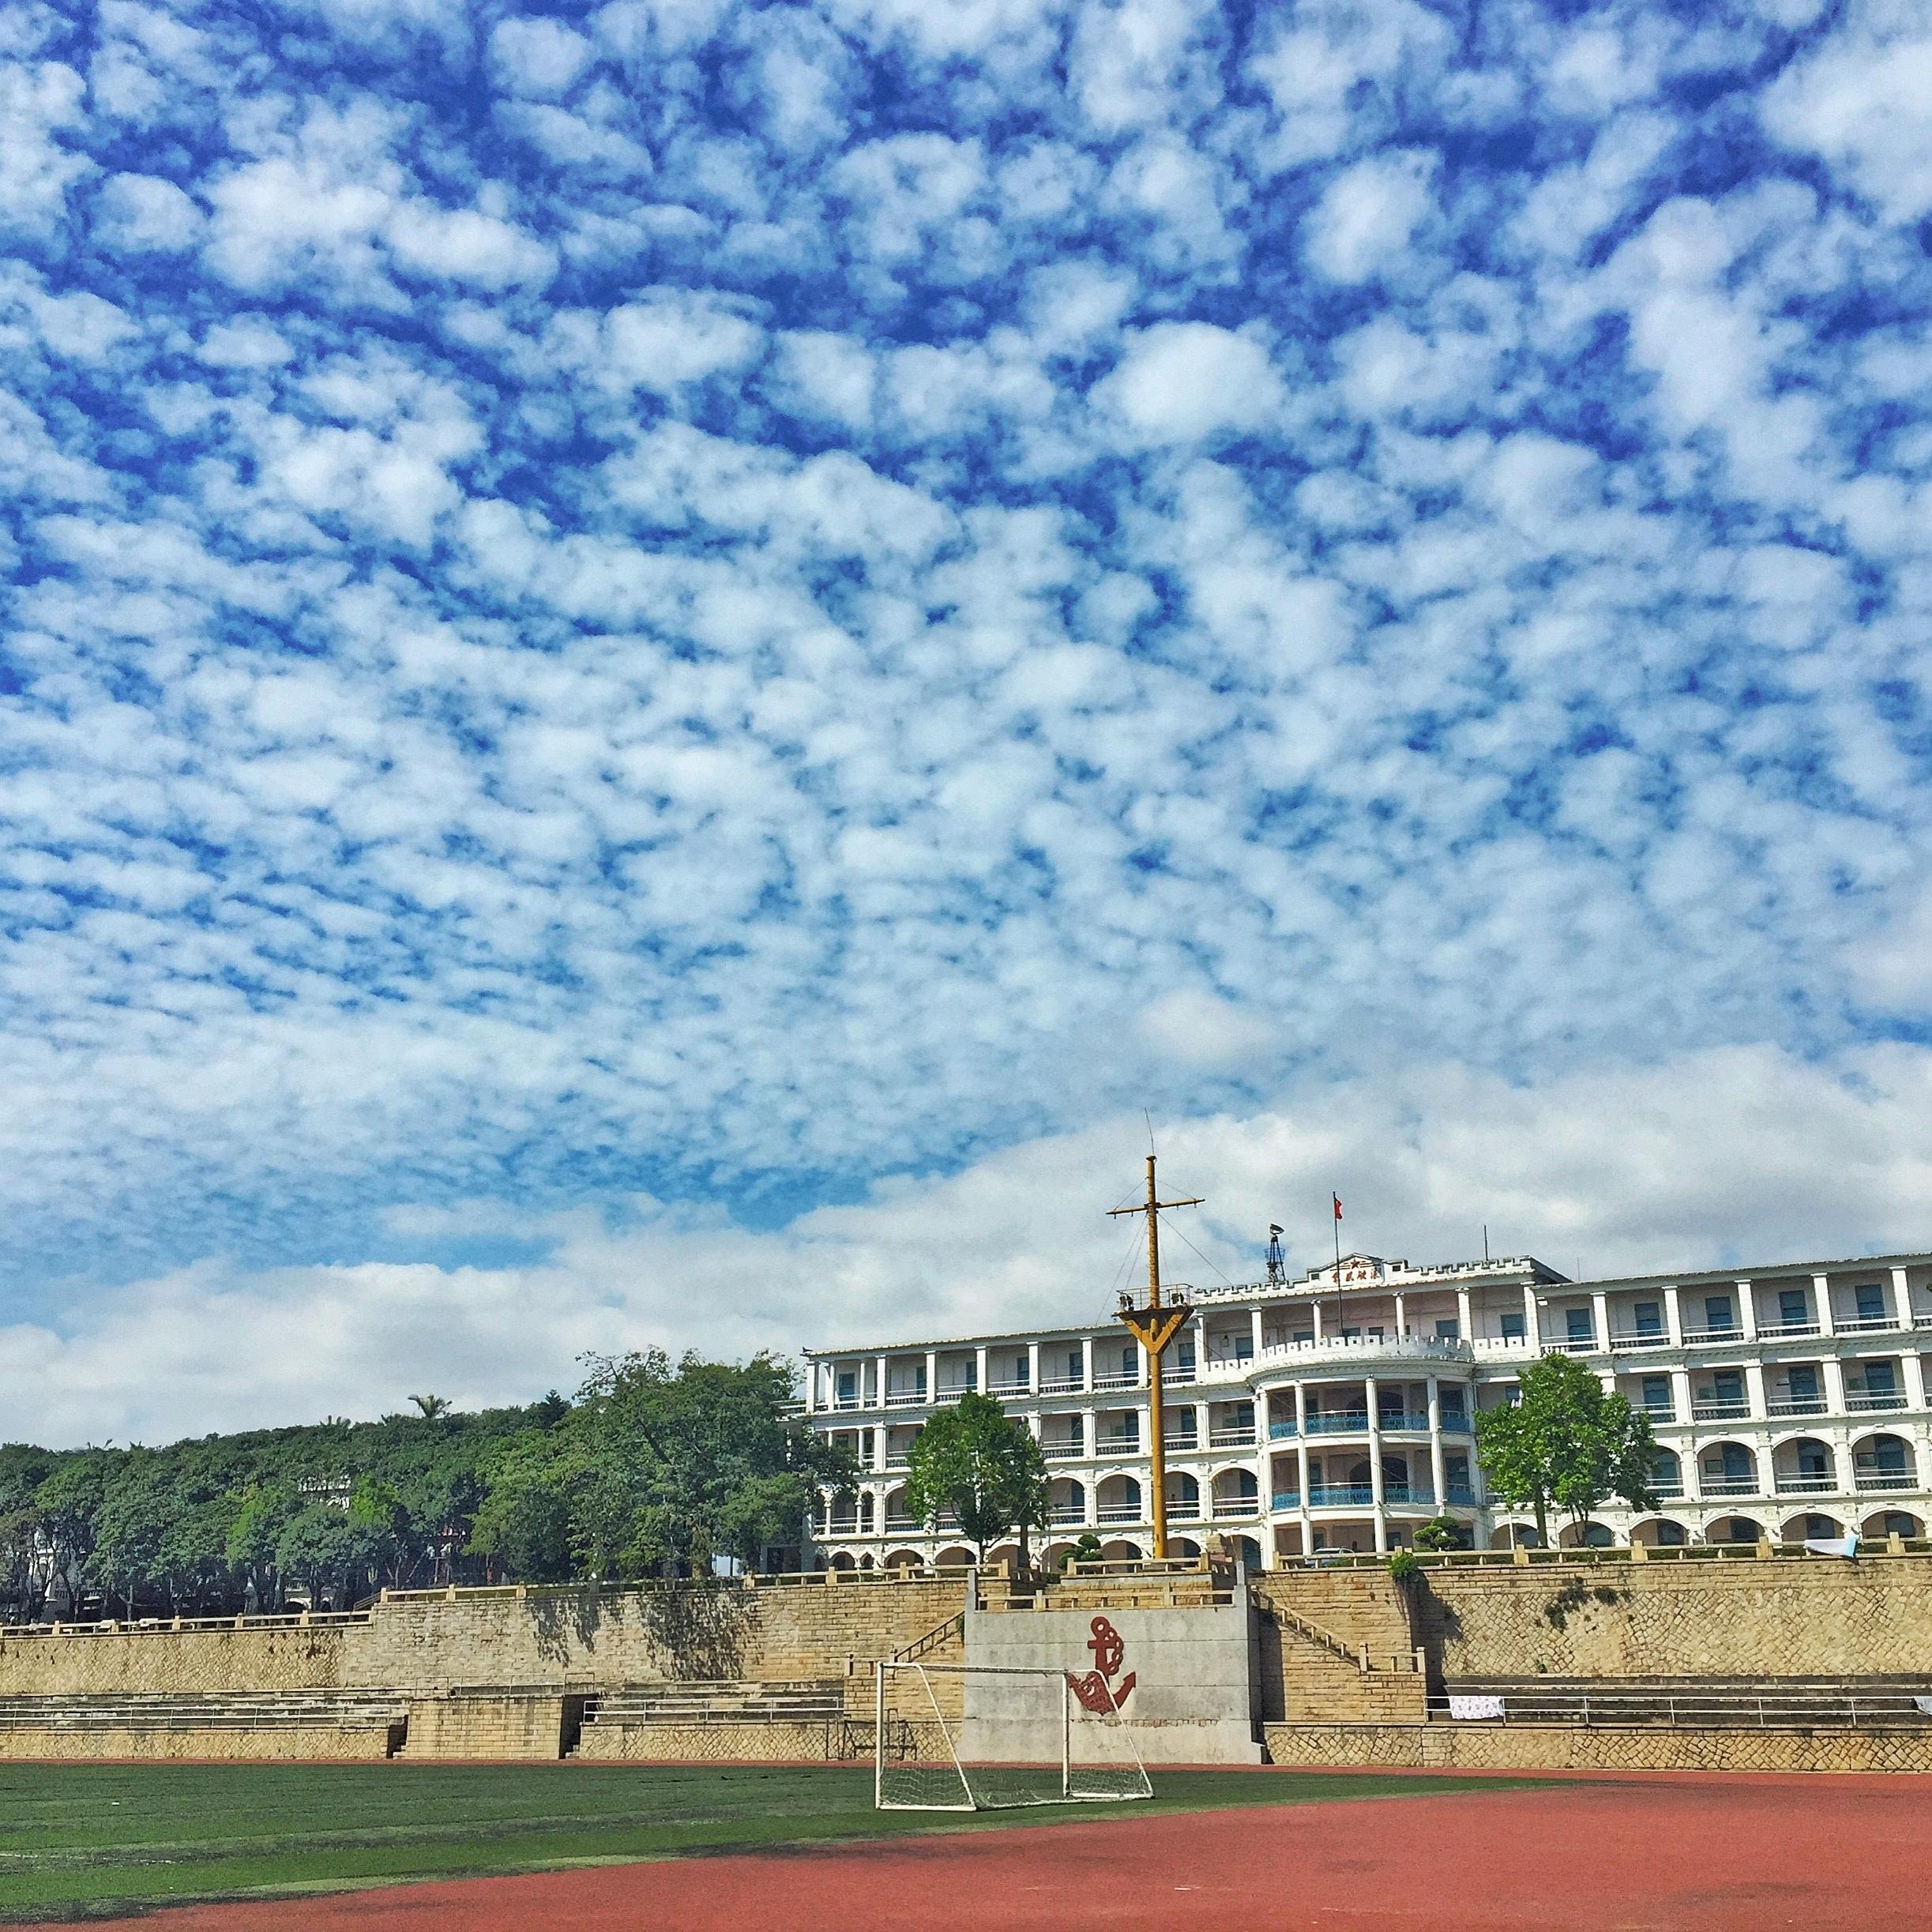 Fotos Gratis Césped Nube Estructura Cielo Fútbol